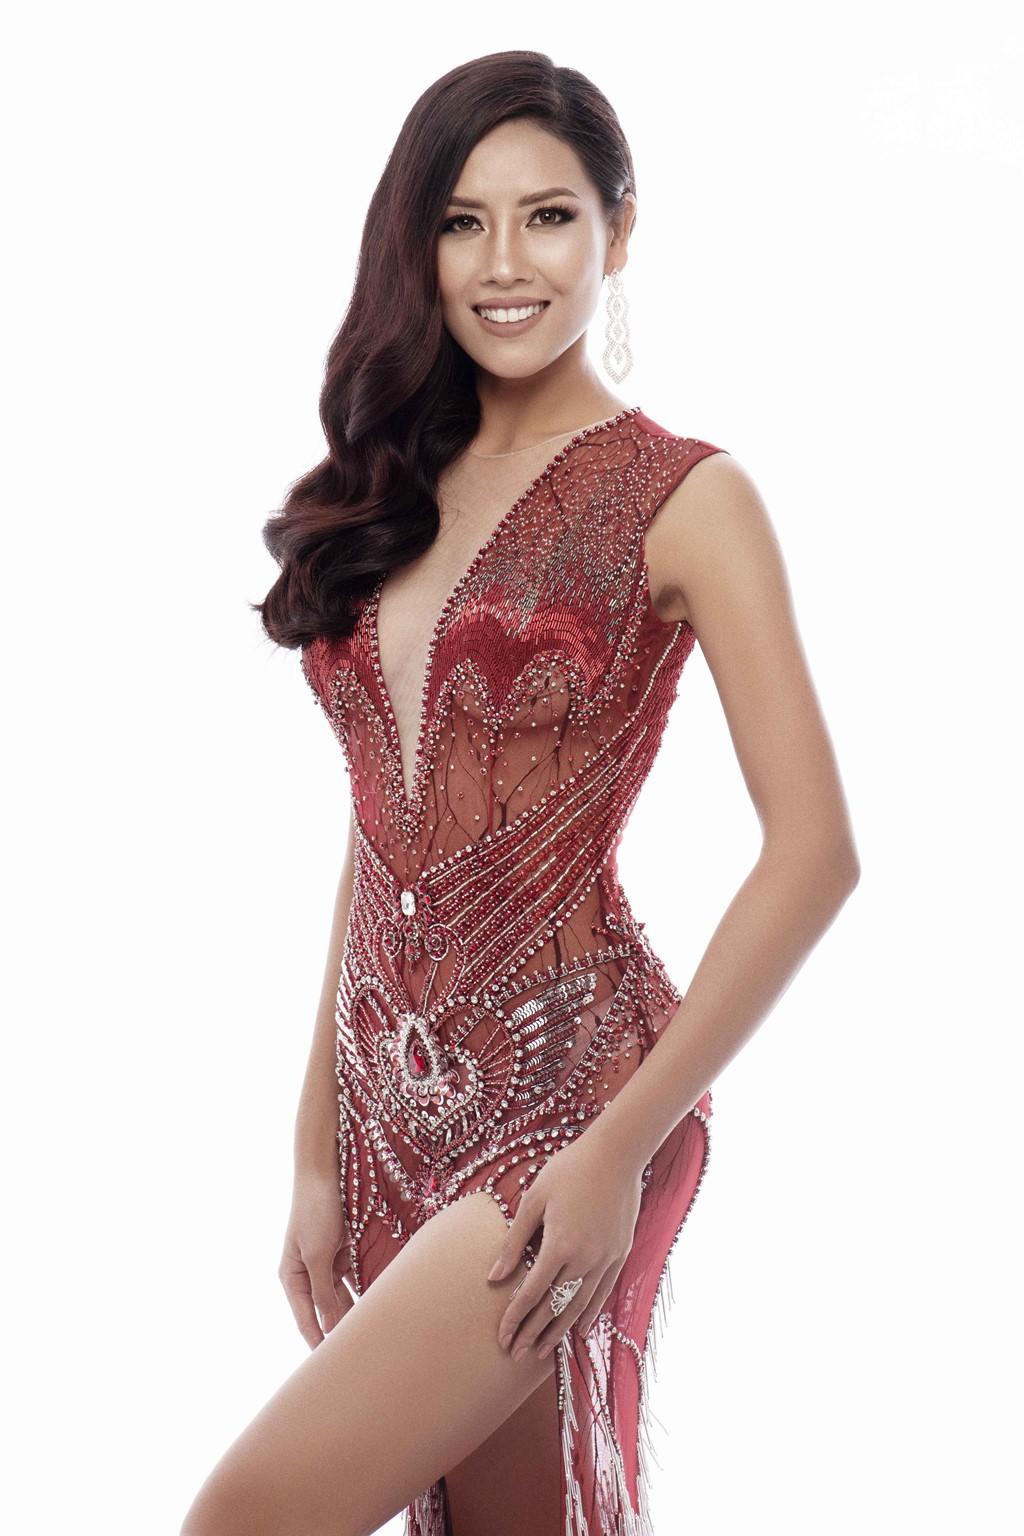 Nguyễn Thị Loan khoe trọn vóc dáng nóng bỏng trong trang phục dạ hội xuyên thấu tại Miss Universe - Ảnh 3.